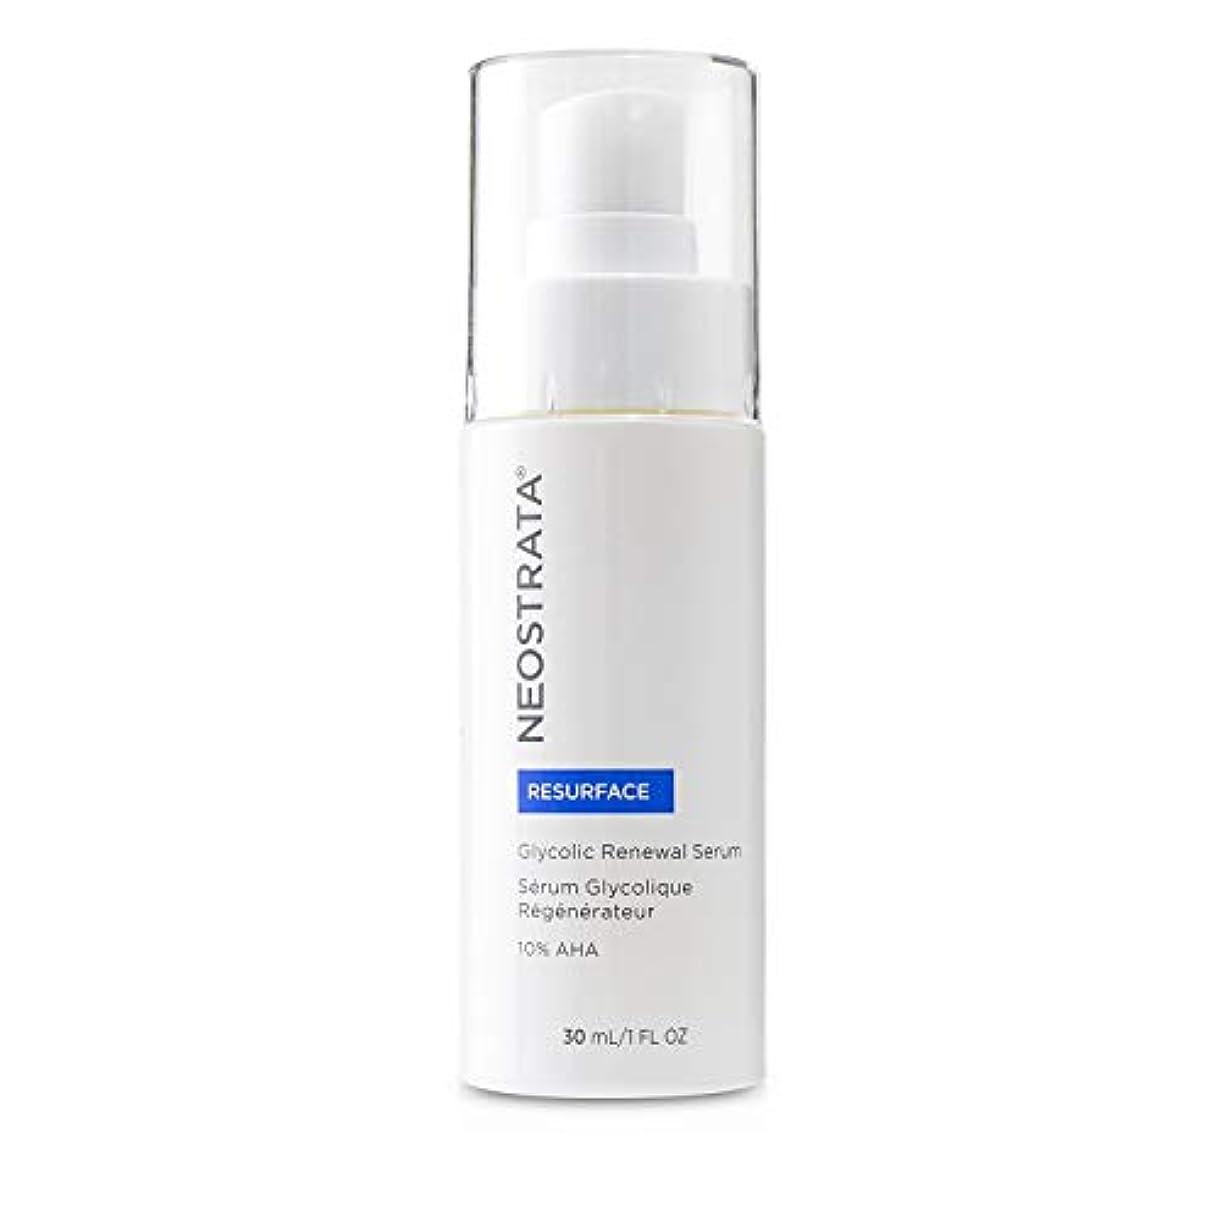 プレゼンバイナリ槍ネオストラータ Resurface - Glycolic Renewal Serum 10% AHA 30ml/1oz並行輸入品